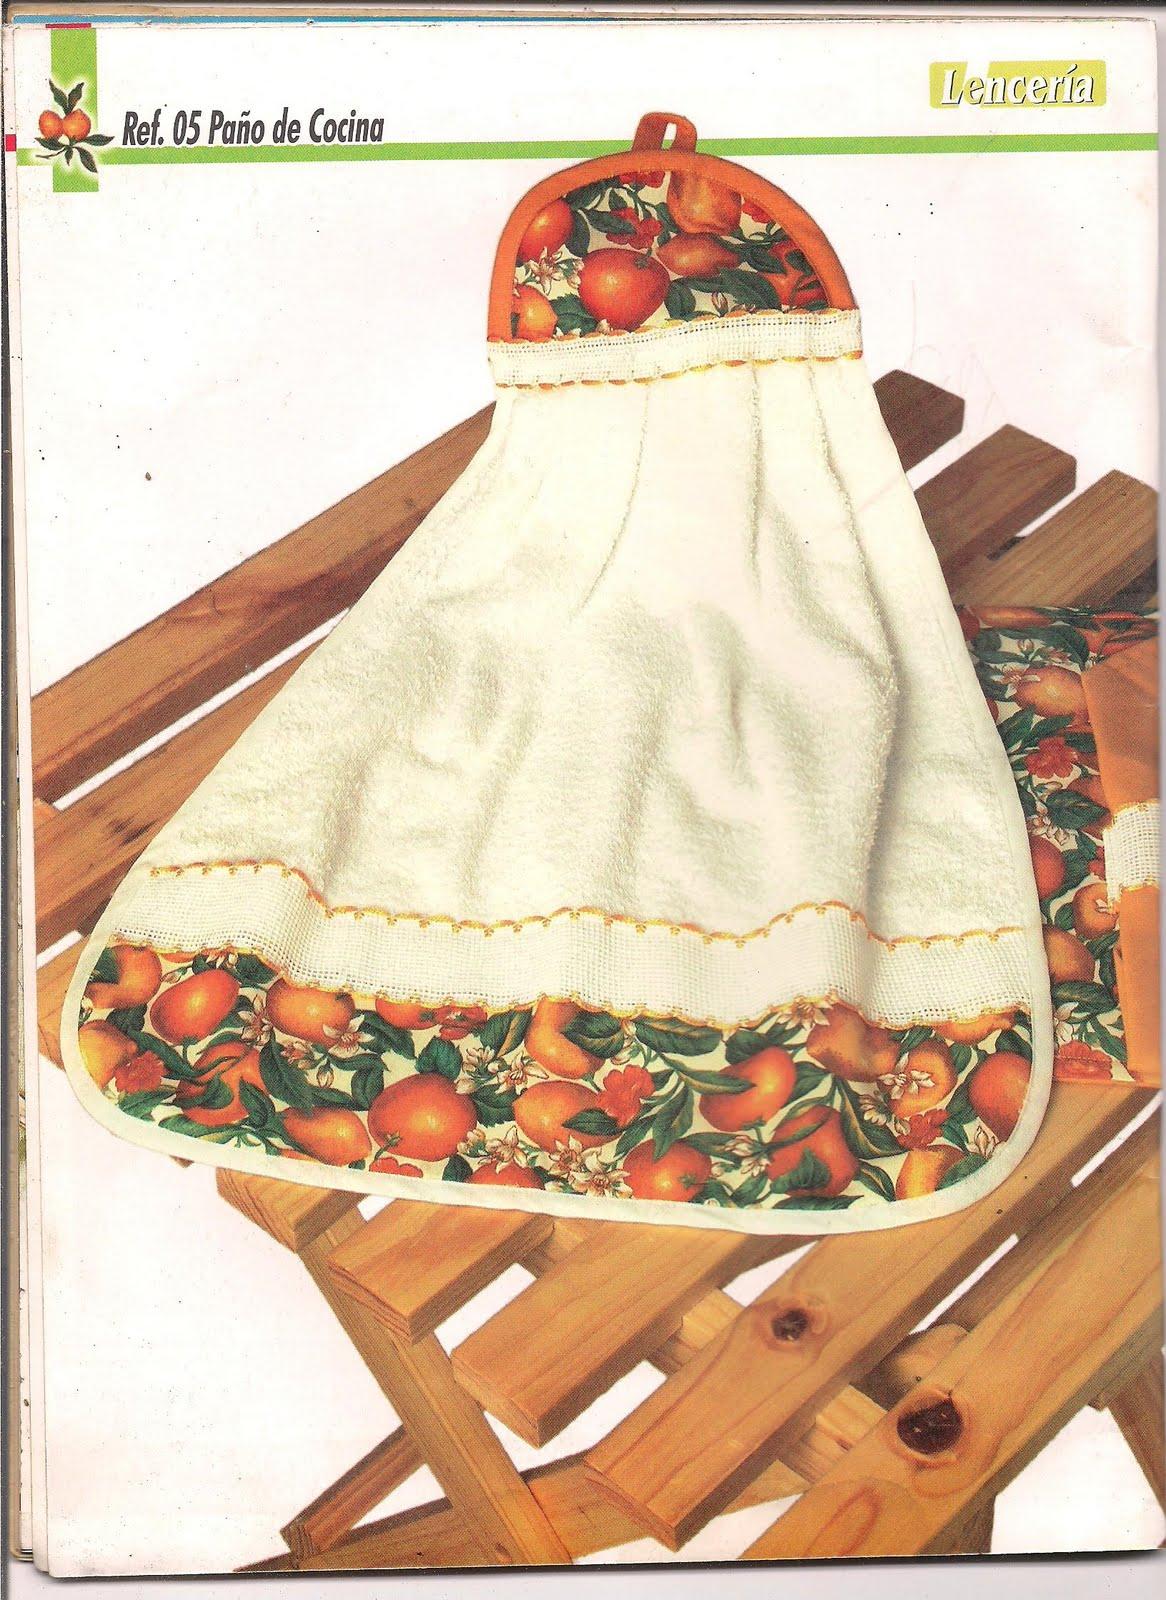 El blog de flor mar y ojito lencer a para la cocina por - Manualidades en tela paso a paso ...